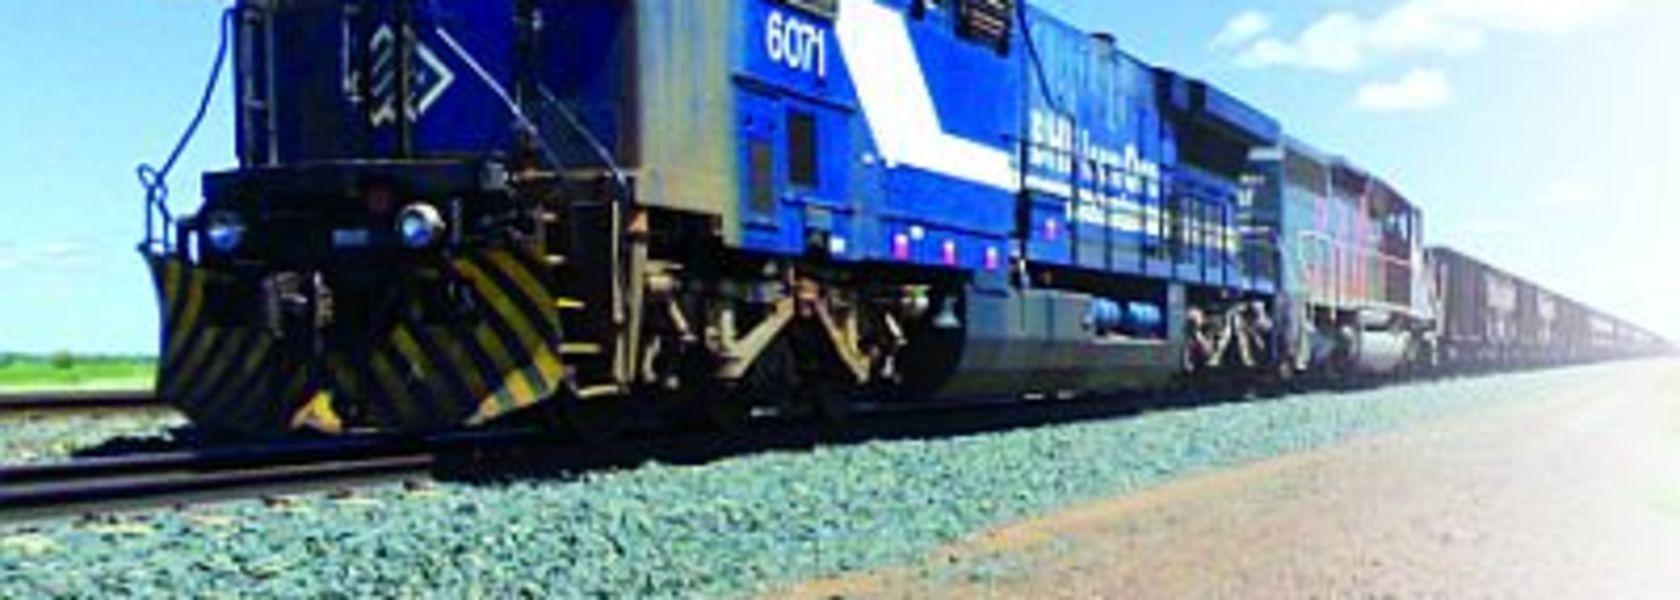 Pilbara rail access a token win - MiningNews net